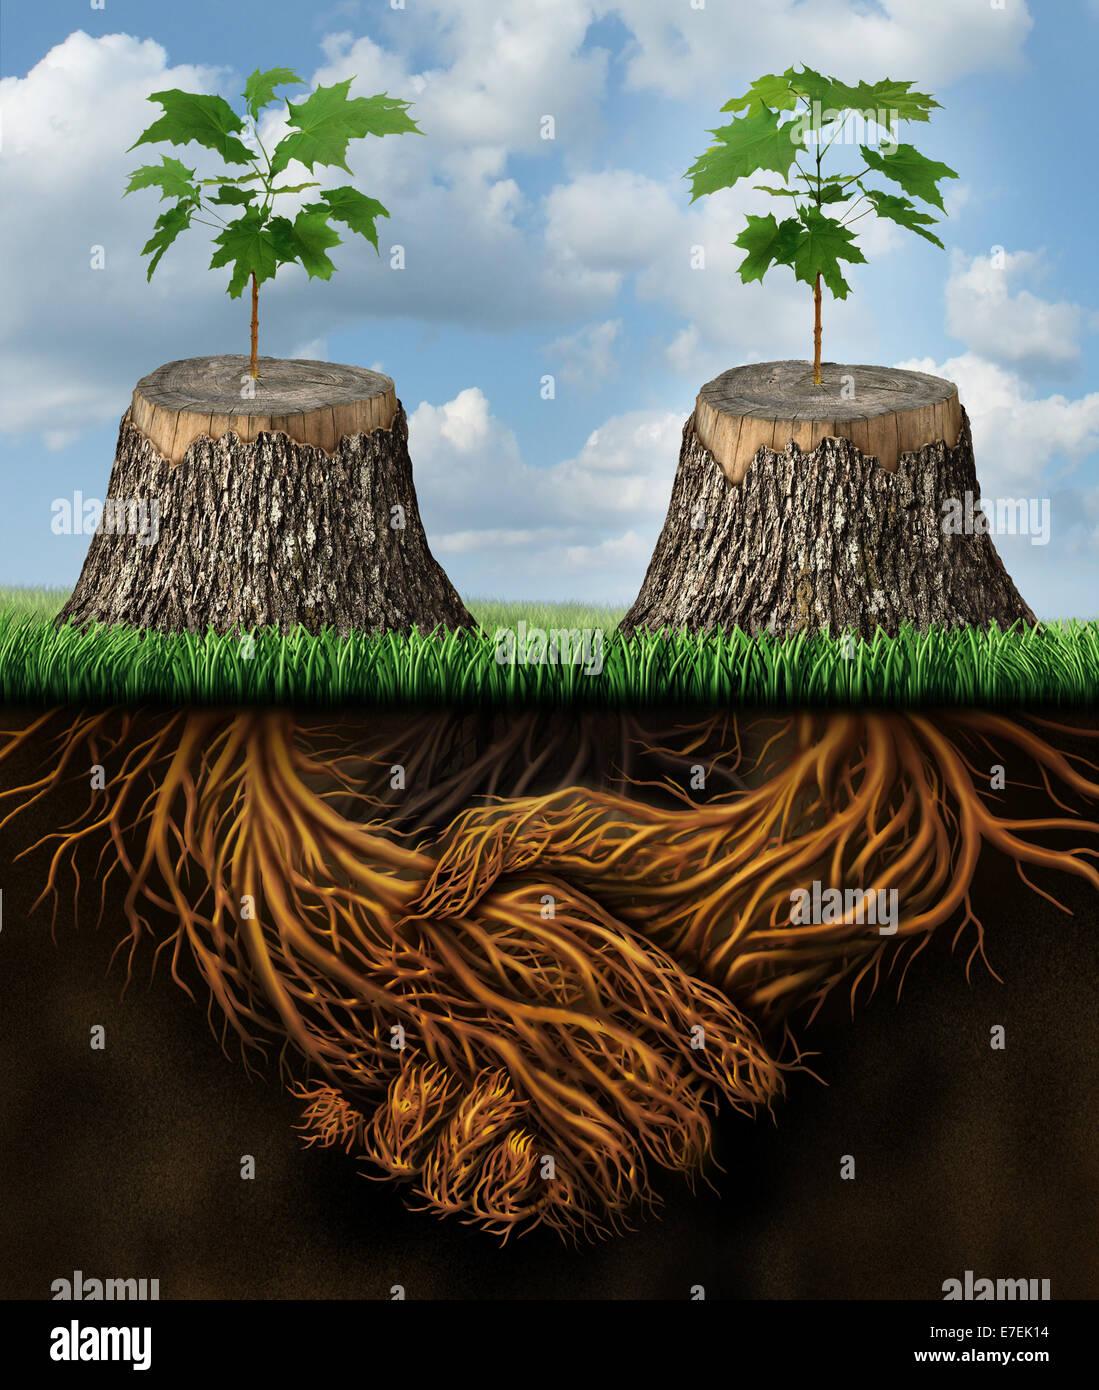 Einander helfen, als ein gegenseitigen Unterstützung Gruppe Geschäftskonzept als zwei gehackte Bäume mit Neubildung Stockfoto